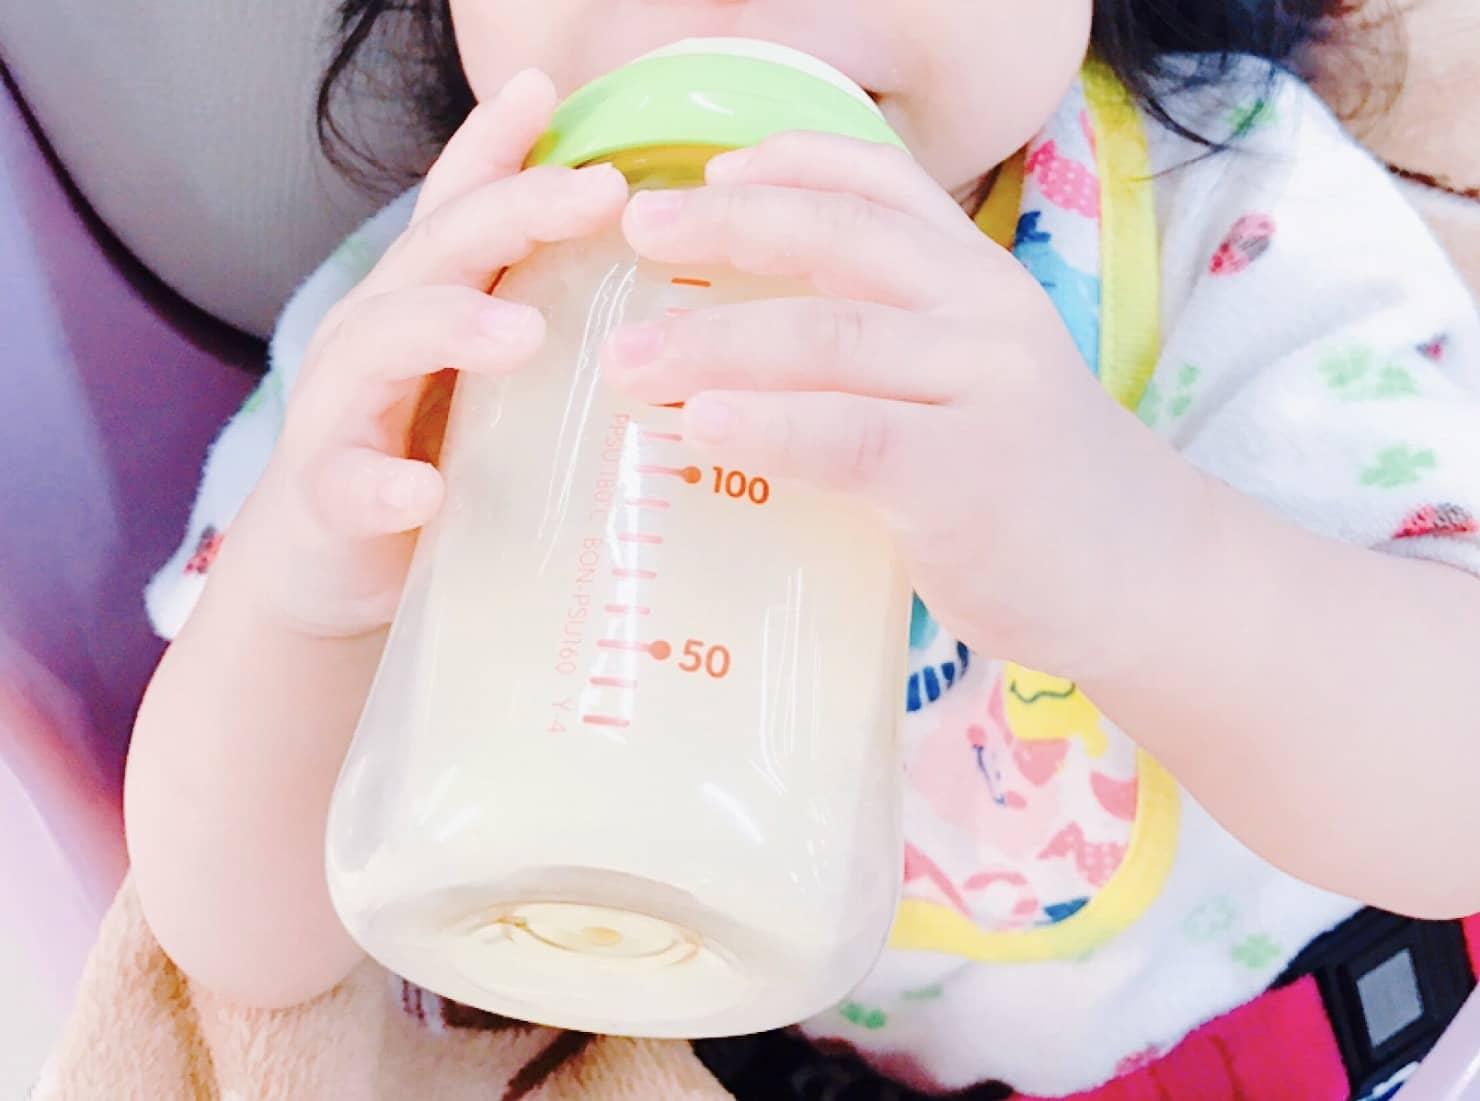 ピジョンの哺乳瓶は母乳実感とスリムの2タイプ! ちくびの選び方のポイントやメリットデメリットを解説